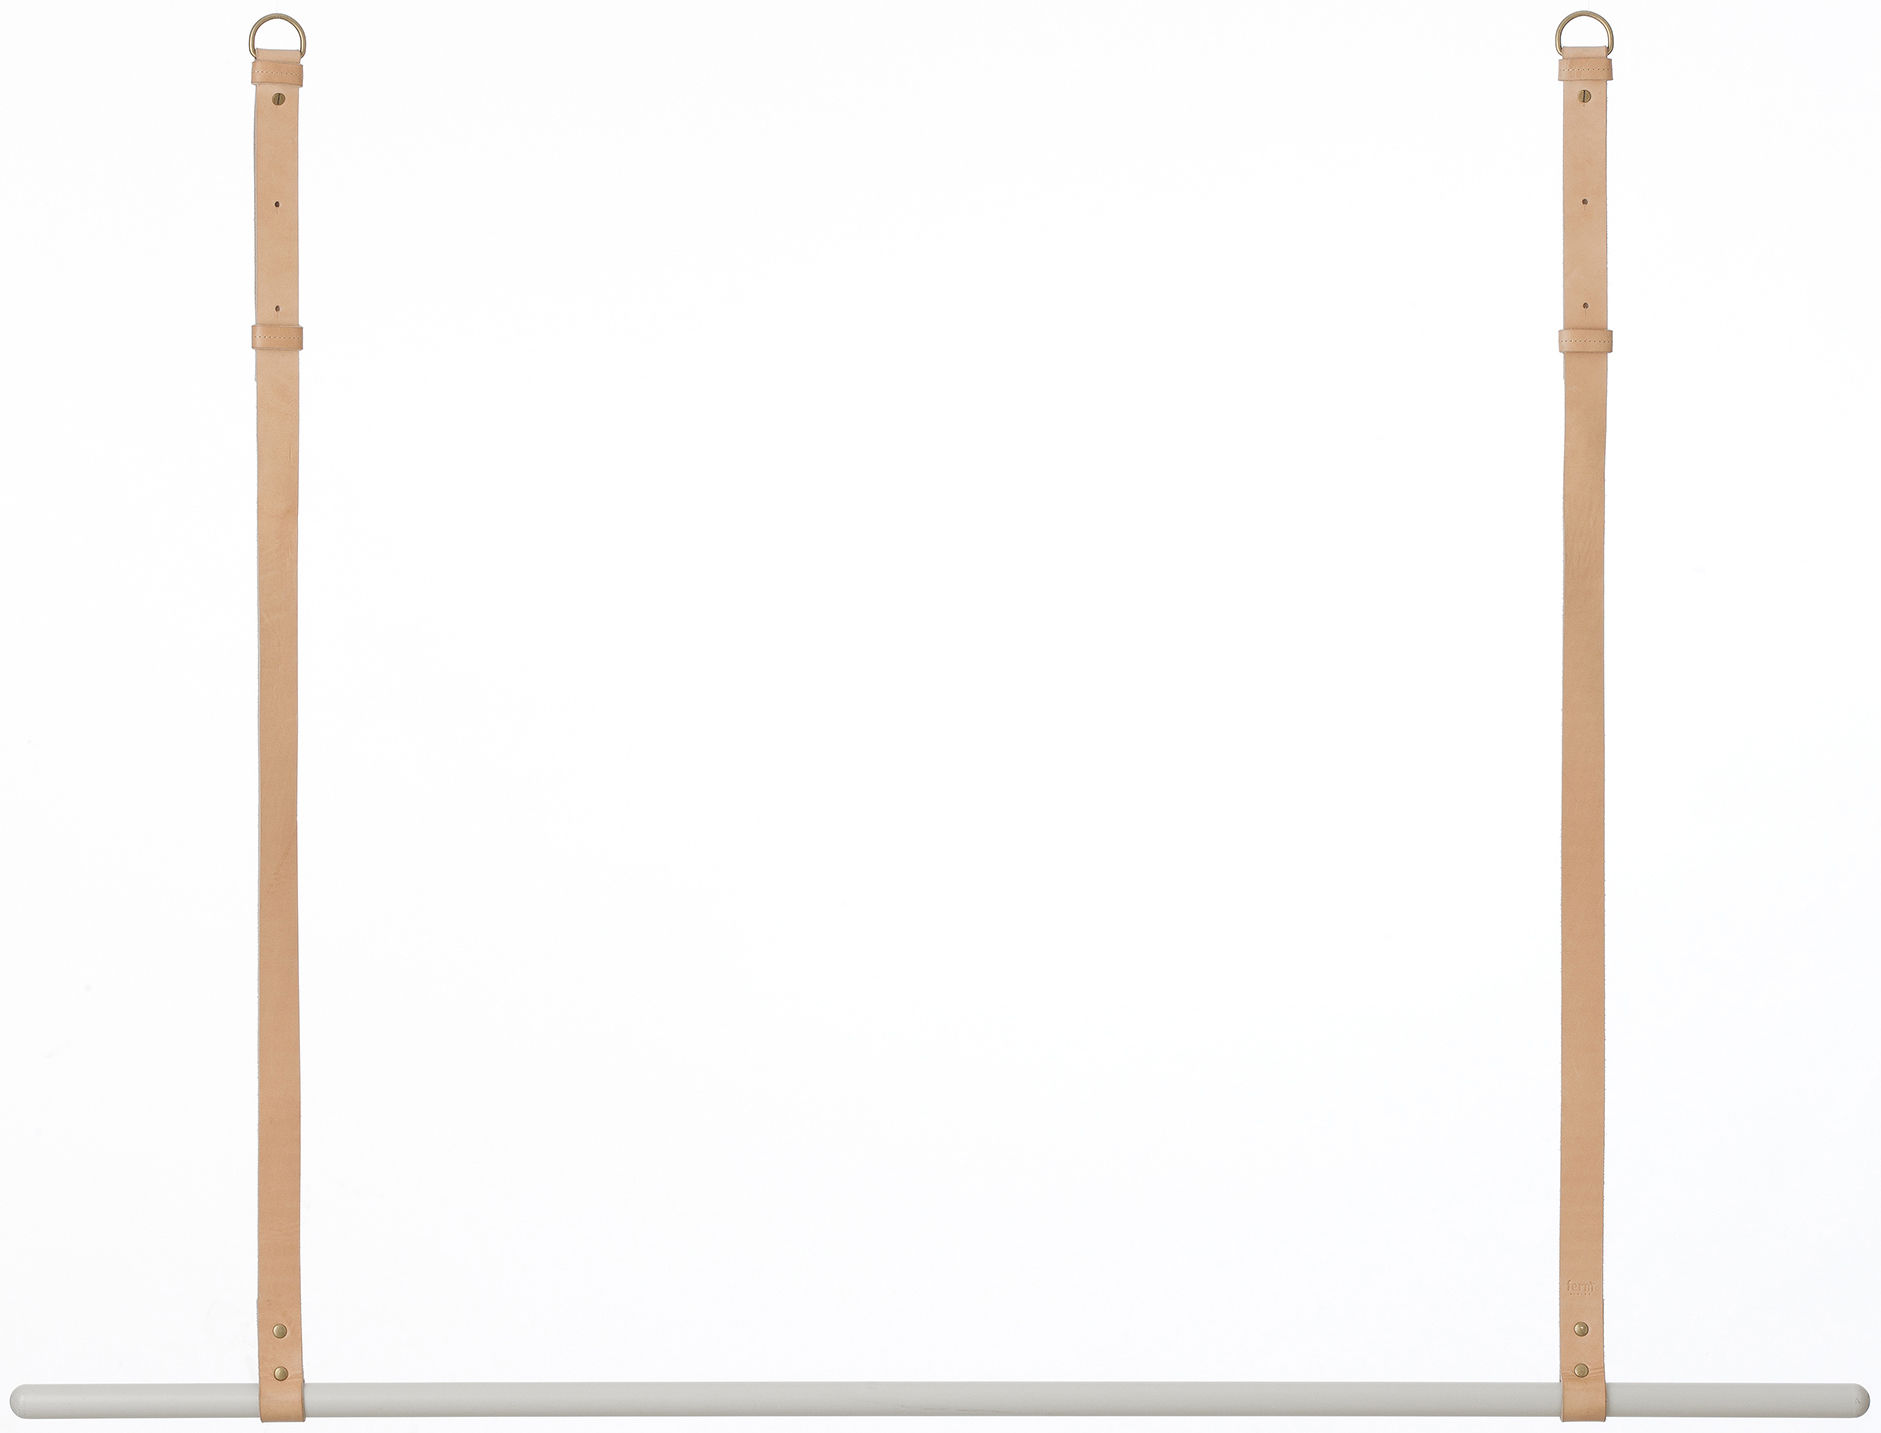 Mobilier - Portemanteaux, patères & portants - Portant Clothes Rack / A suspendre - L 135 cm - Ferm Living - Barre grise / Lanières cuir beige - Cuir, Métal laqué